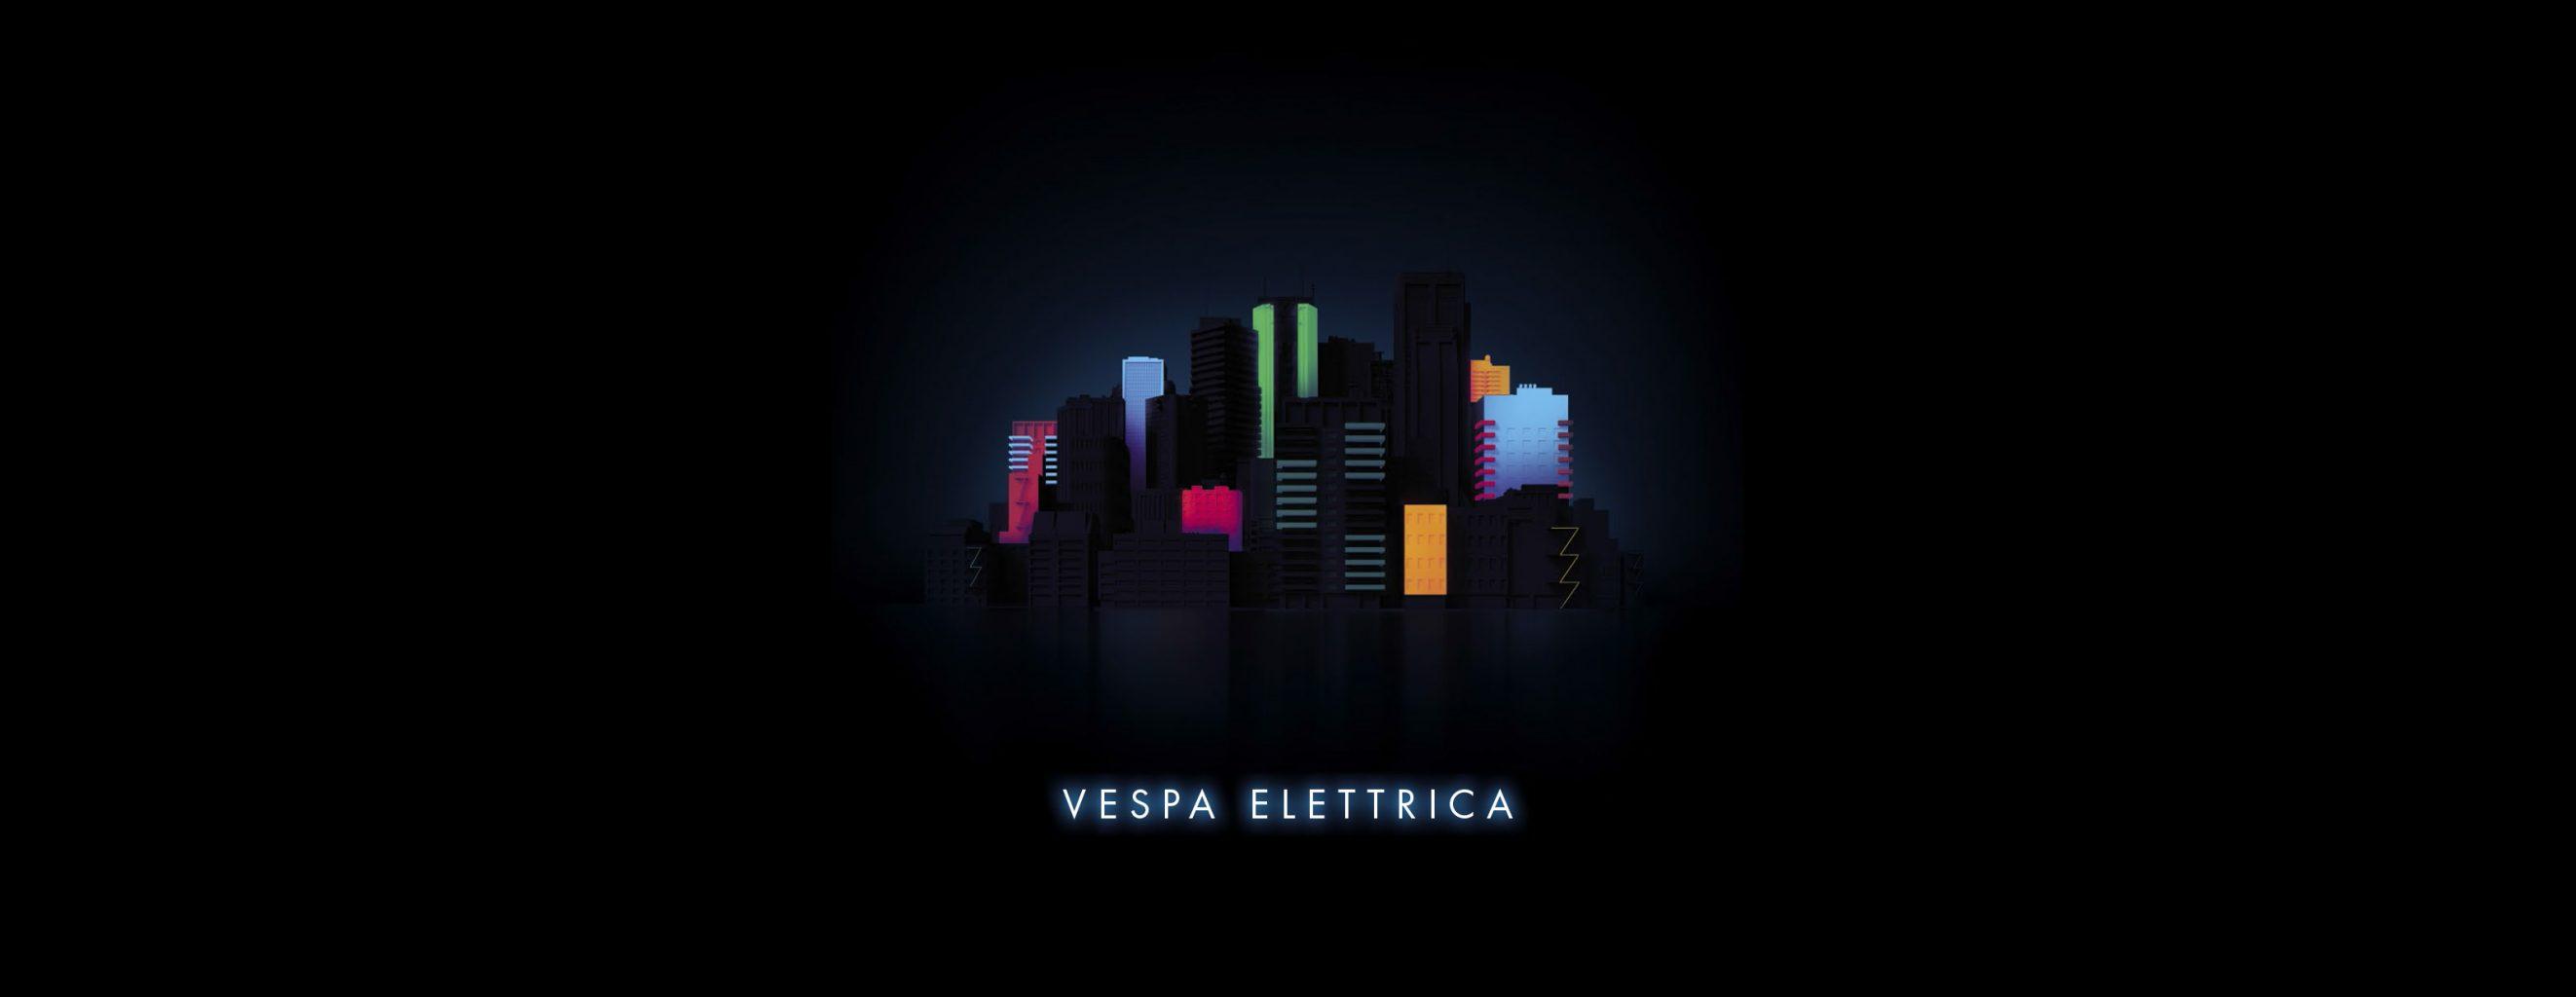 vespa_elettrica_05